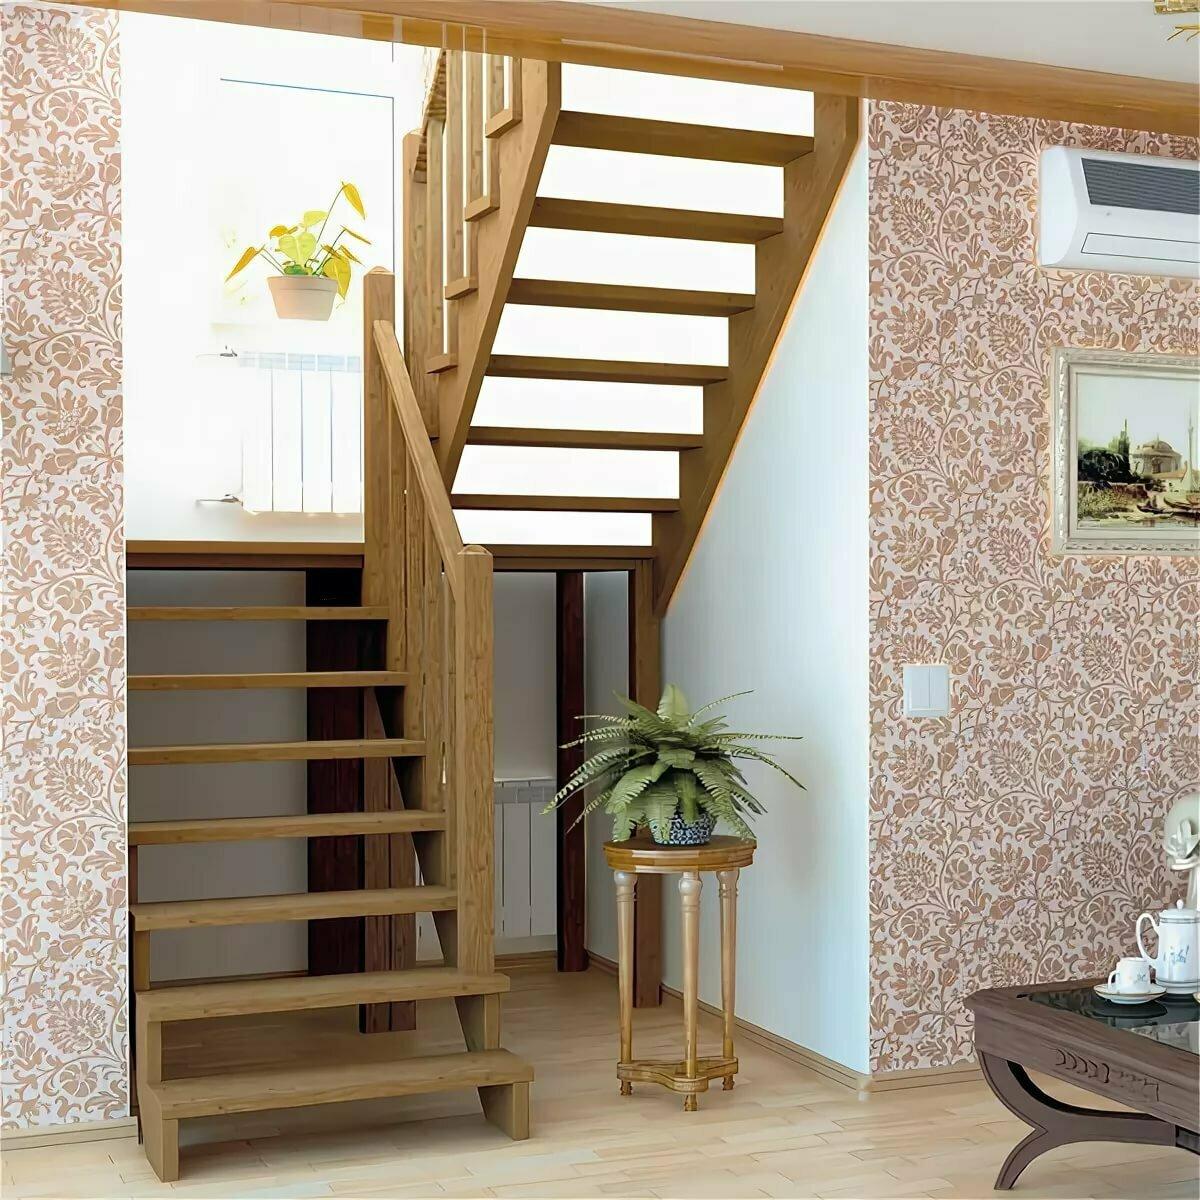 Чем отделать бетонную лестницу в доме фото представлял себе